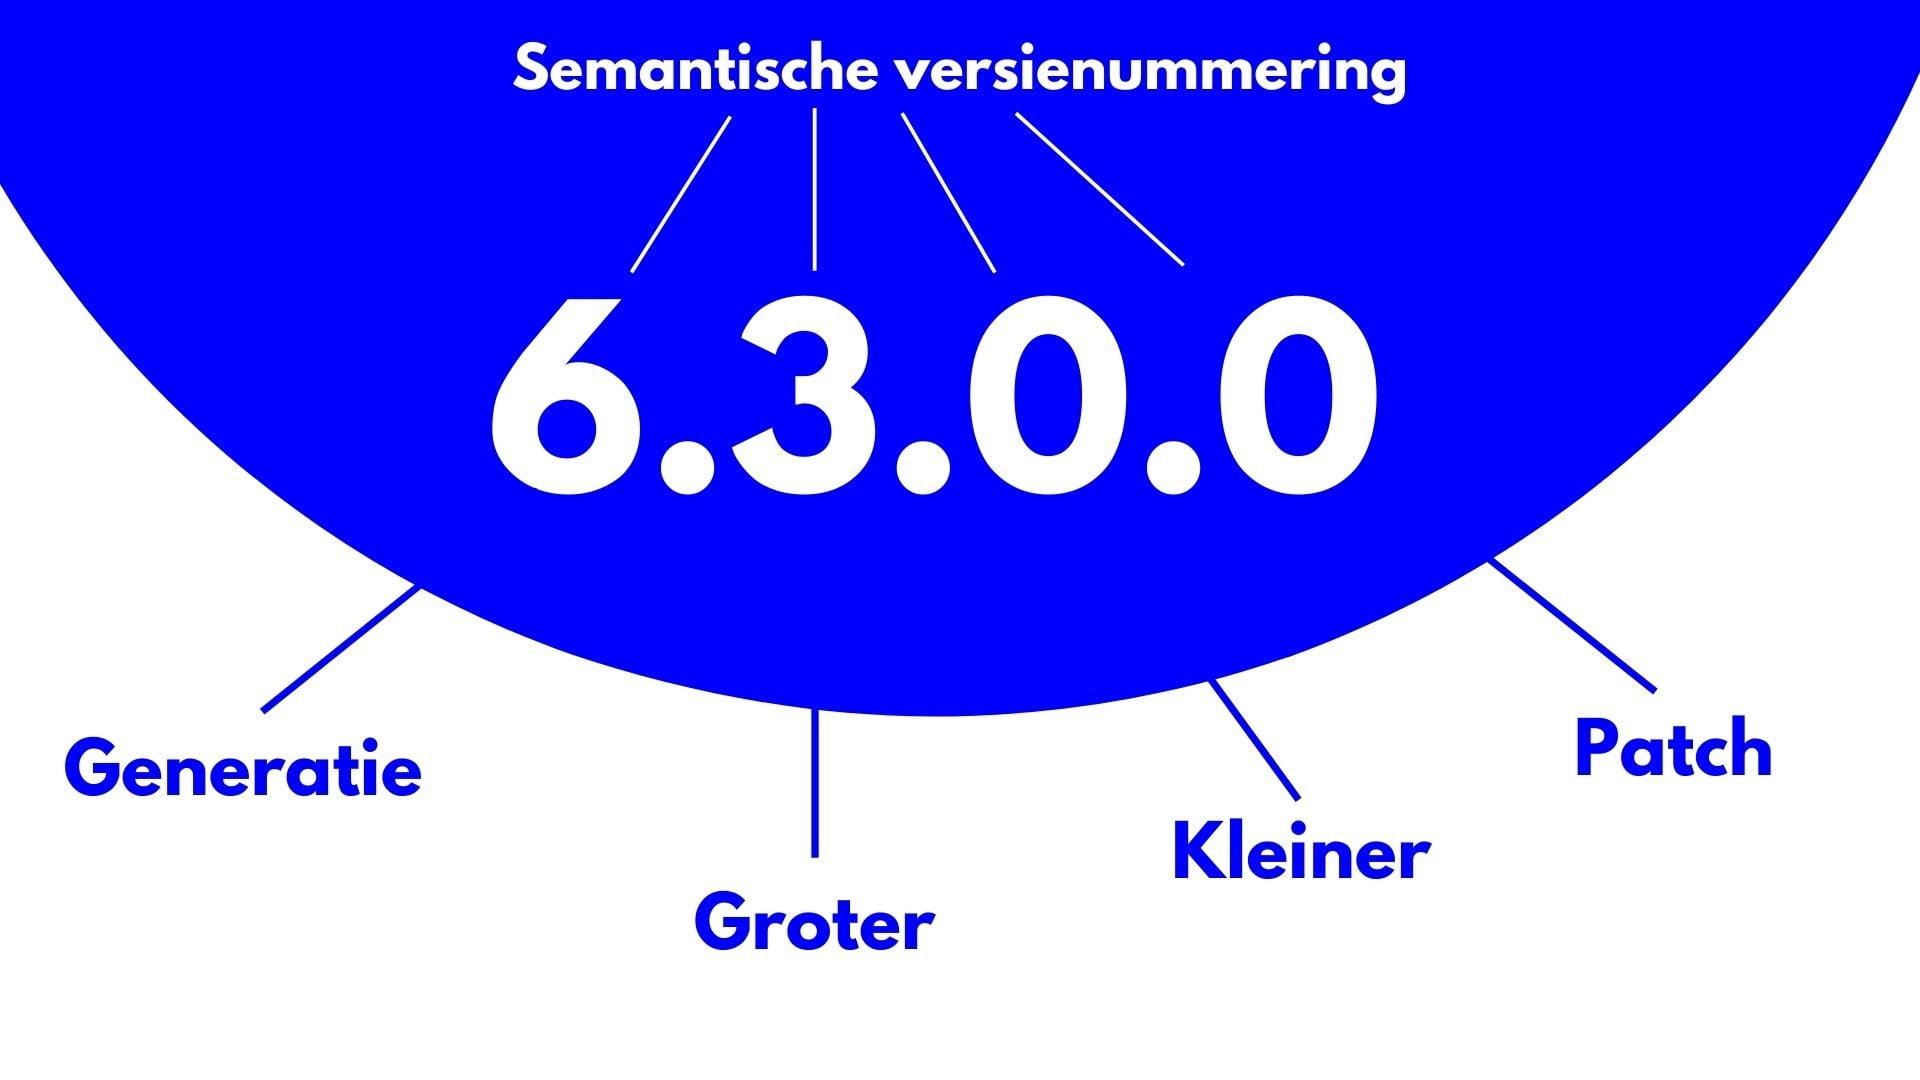 Semantische versienummering